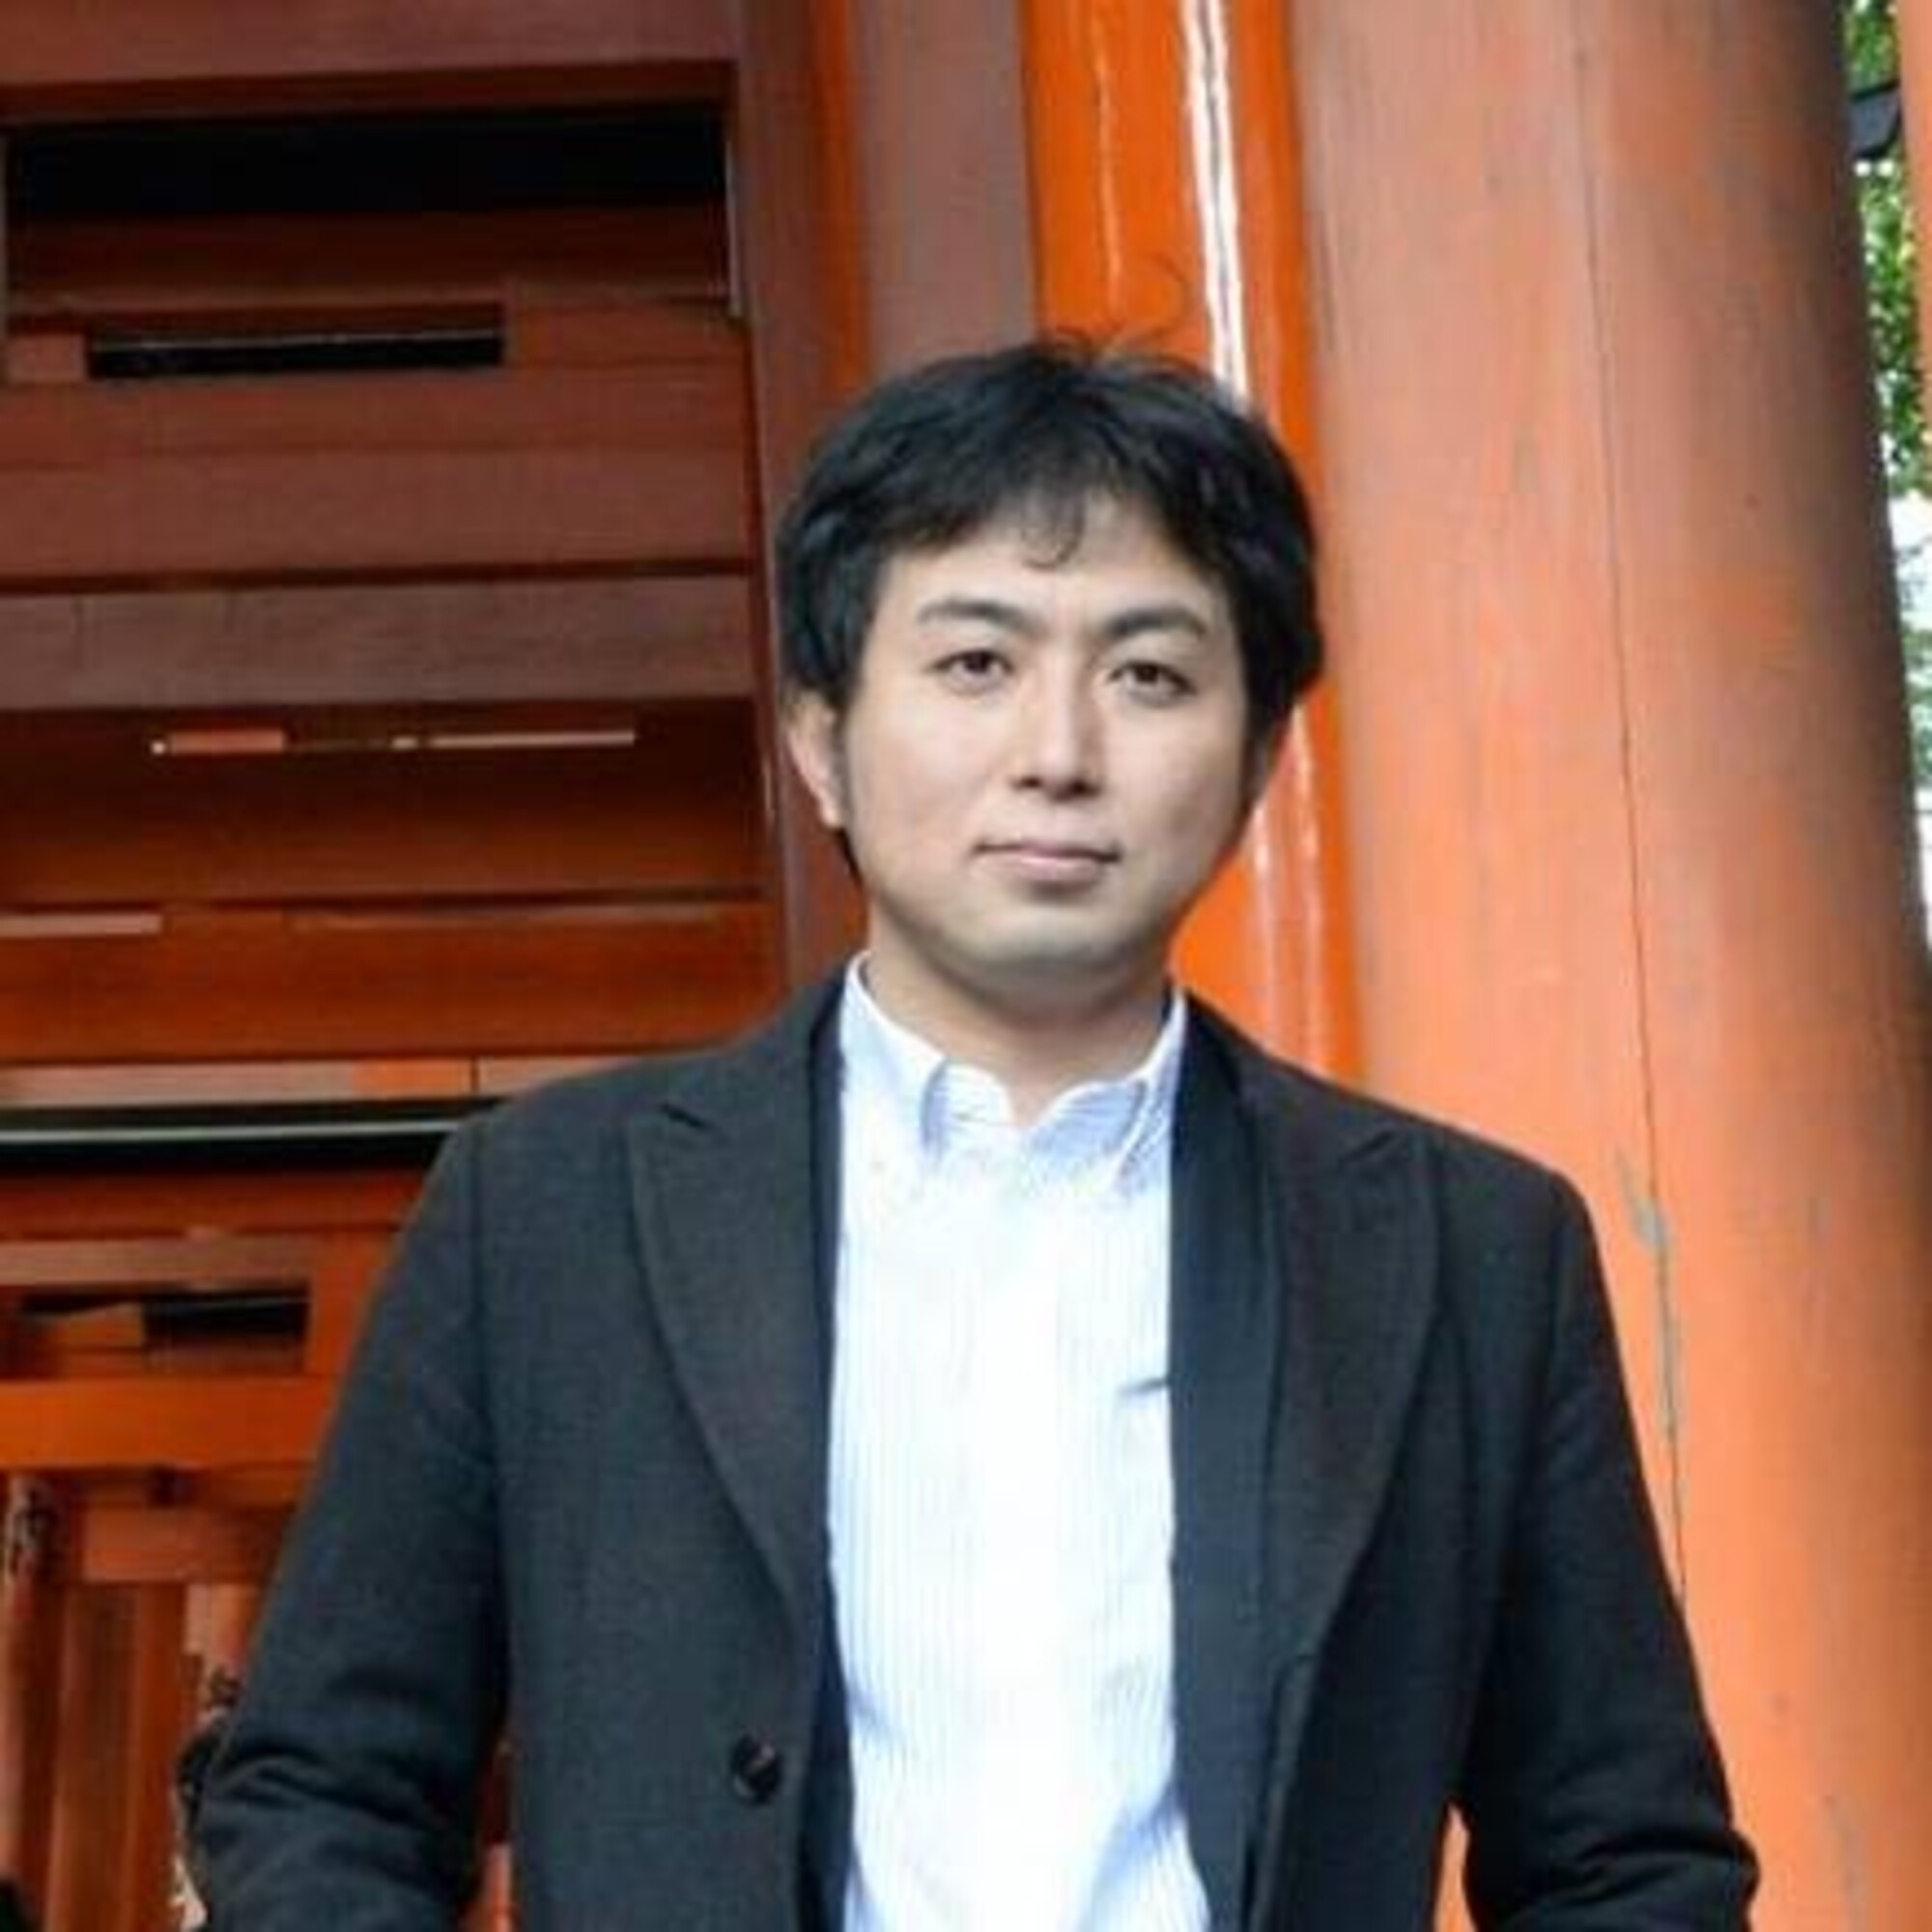 Author: Moriyama